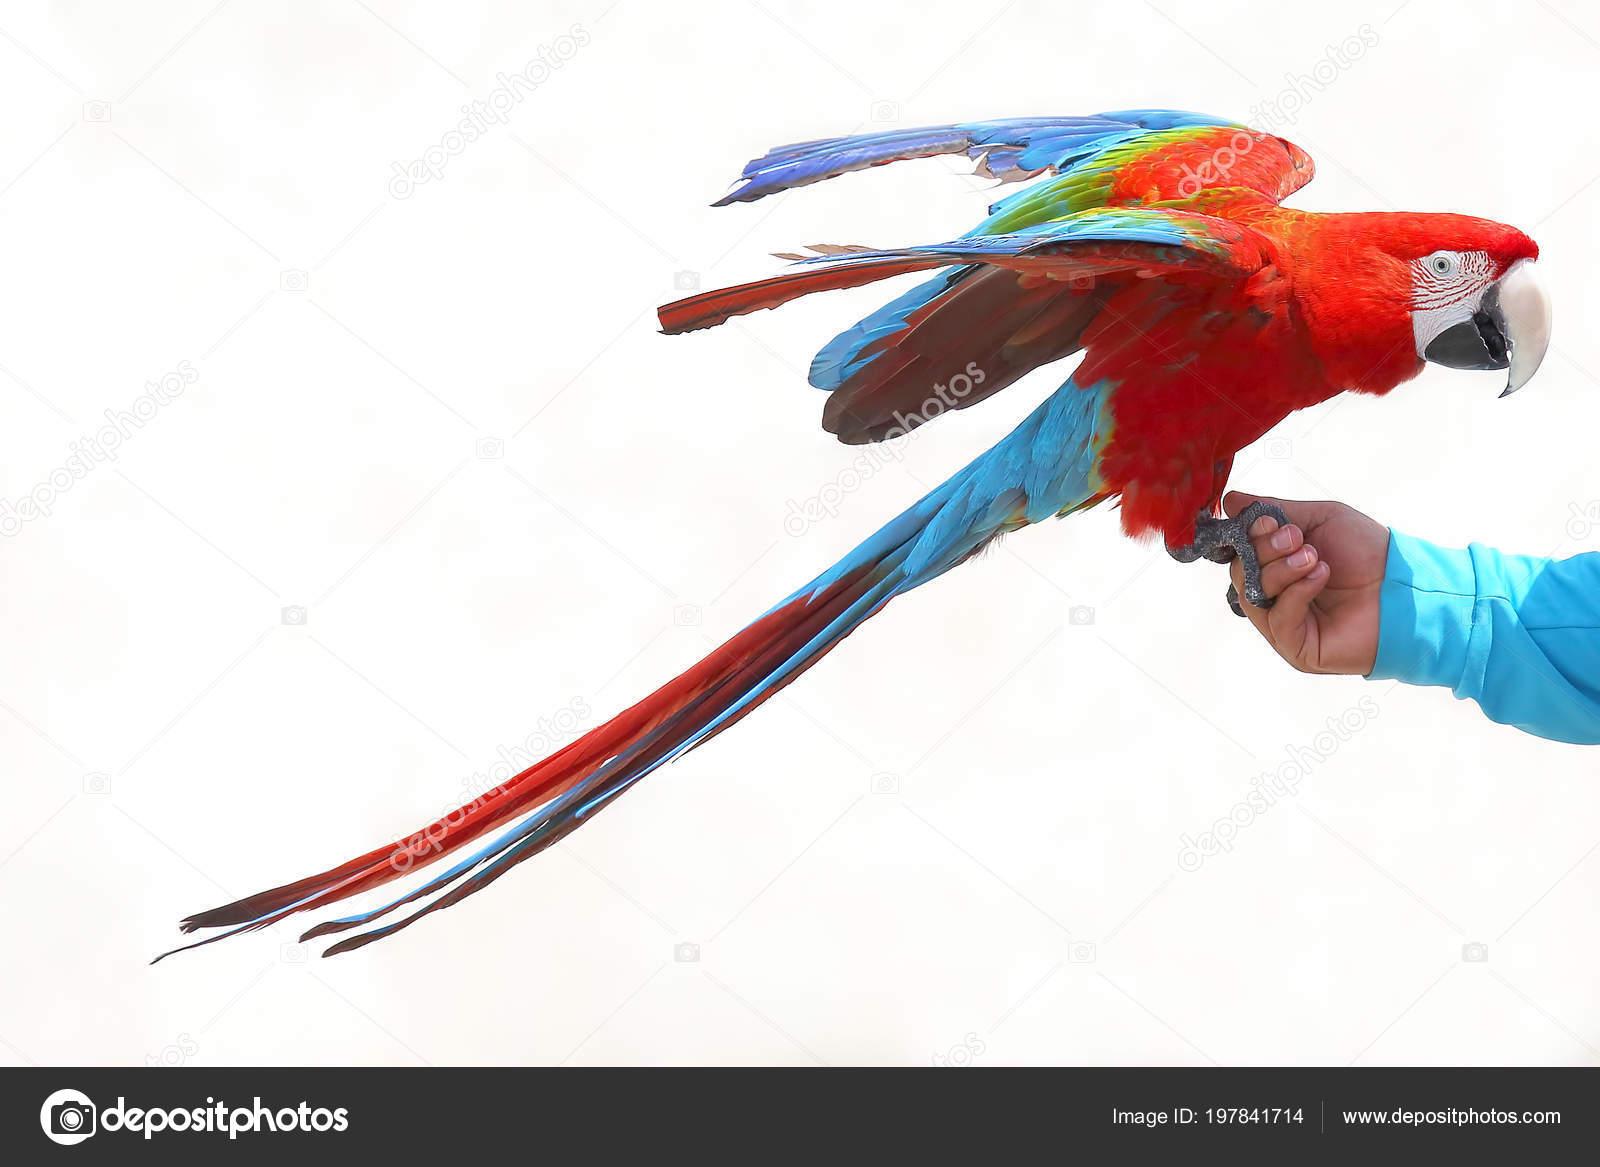 άνδρες μεγάλο πουλί φωτογραφίατεράστιο πουλί σφιχτό μουνί